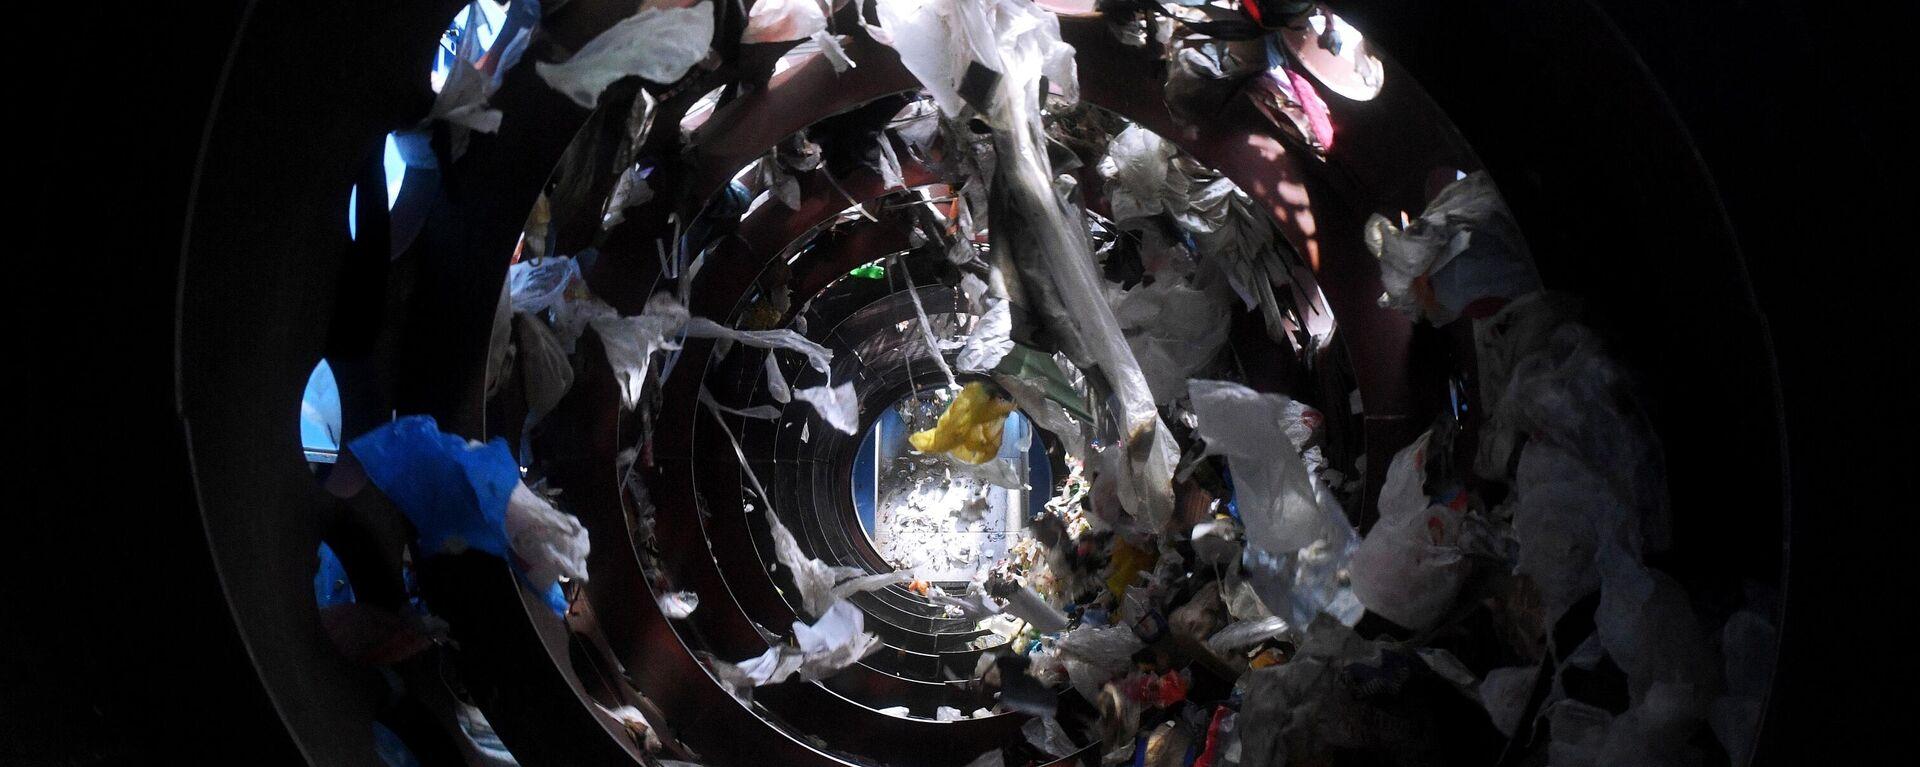 Smaltimento dei rifiuti - Sputnik Italia, 1920, 16.06.2021